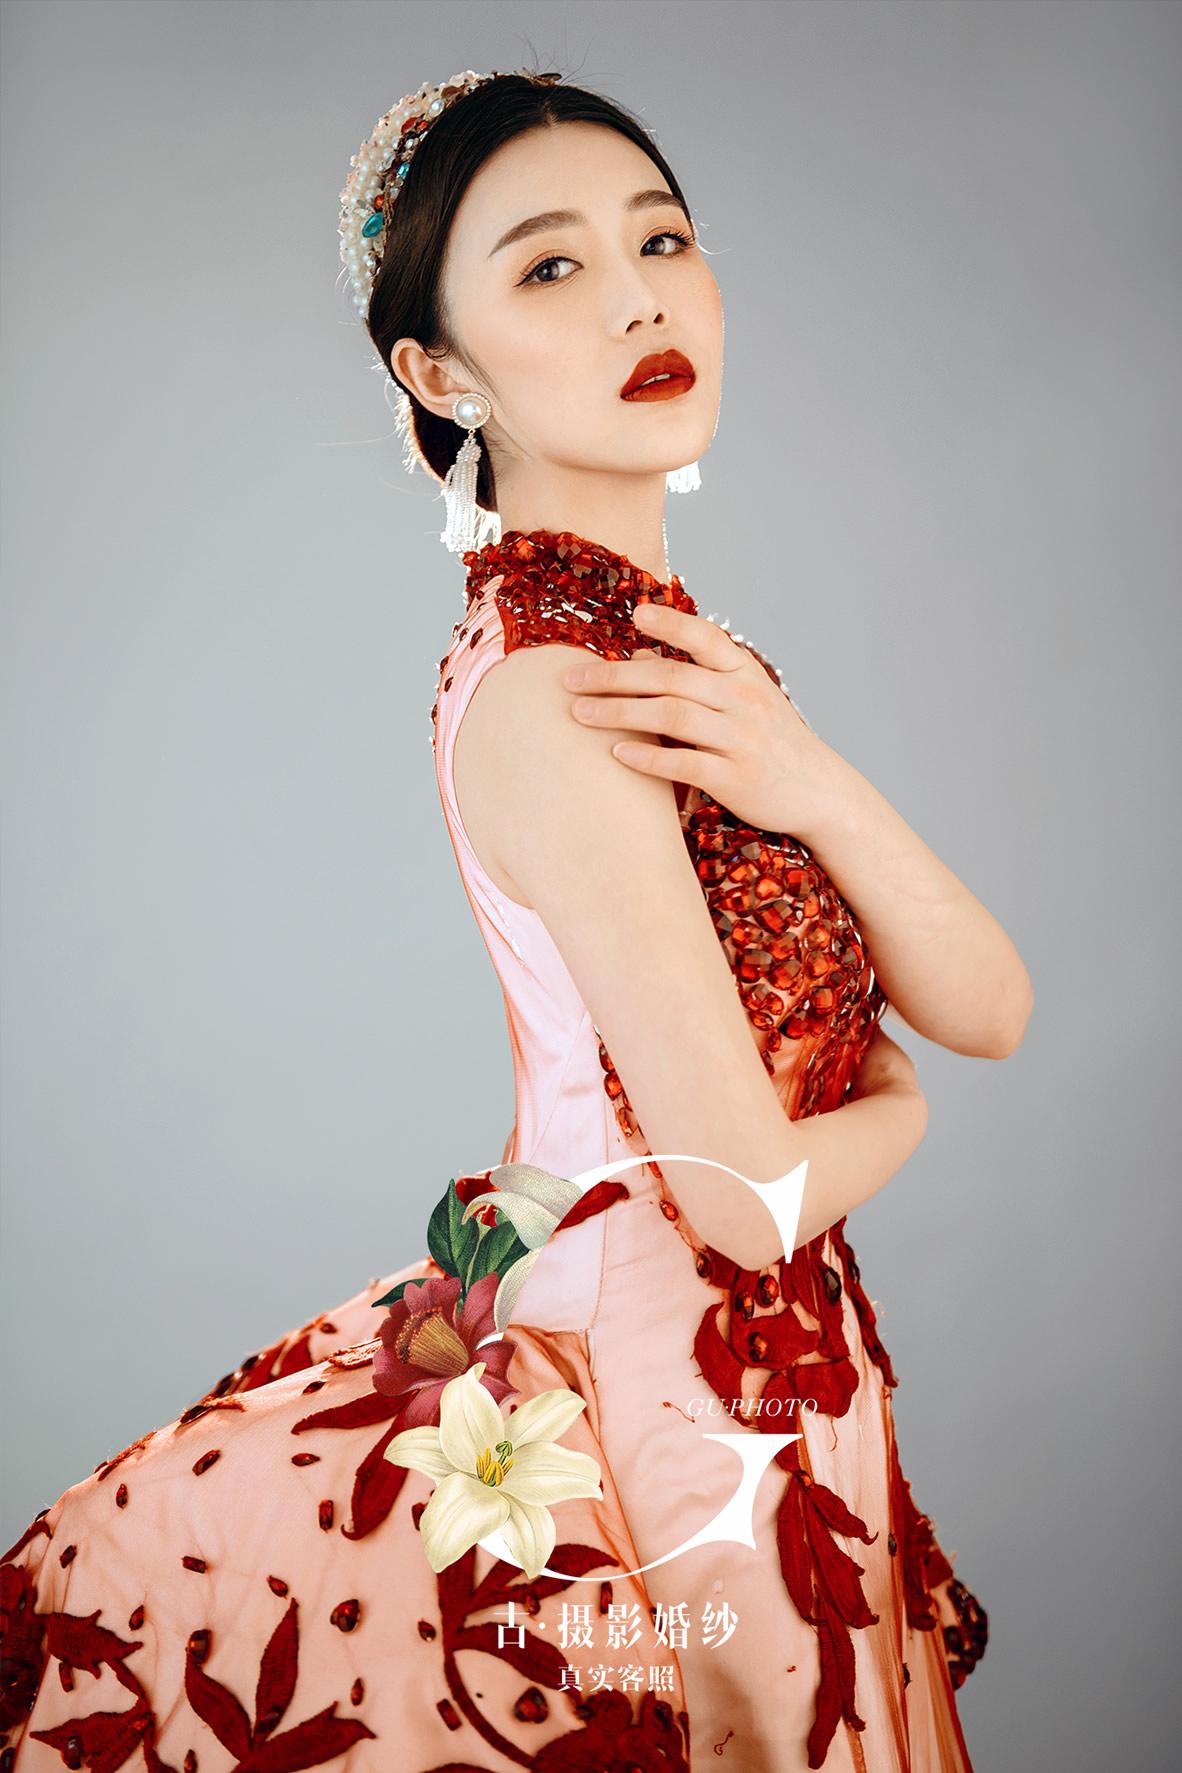 桂先生 耿小姐 - 每日客照 - 古摄影婚纱艺术-古摄影成都婚纱摄影艺术摄影网